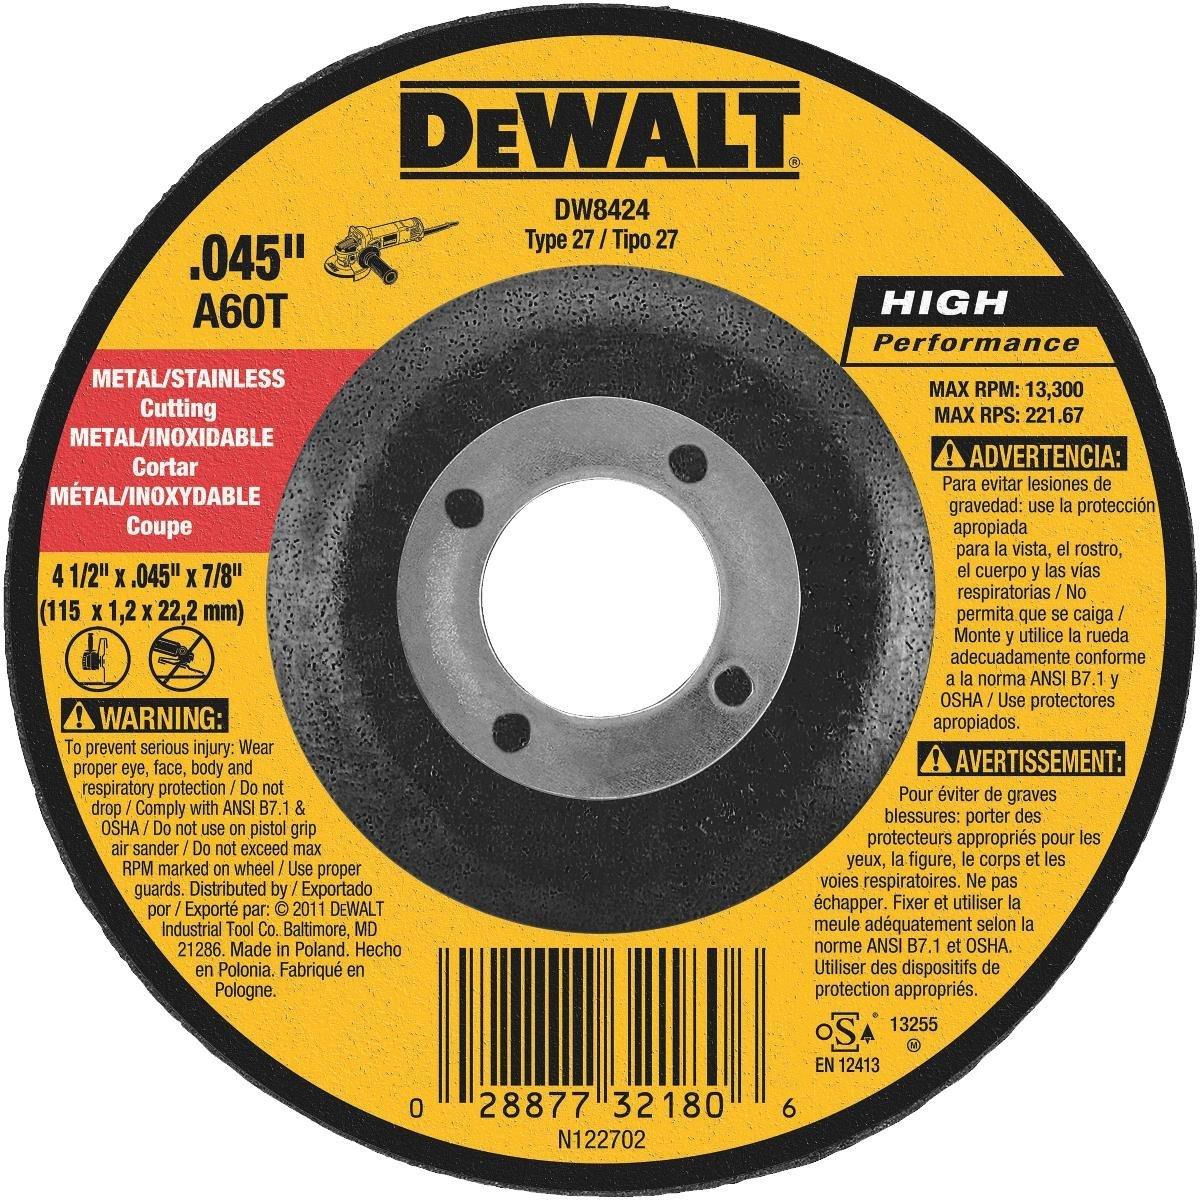 DEWALT DW8424 Thin Cutting Wheel - $1.55 at Amazon